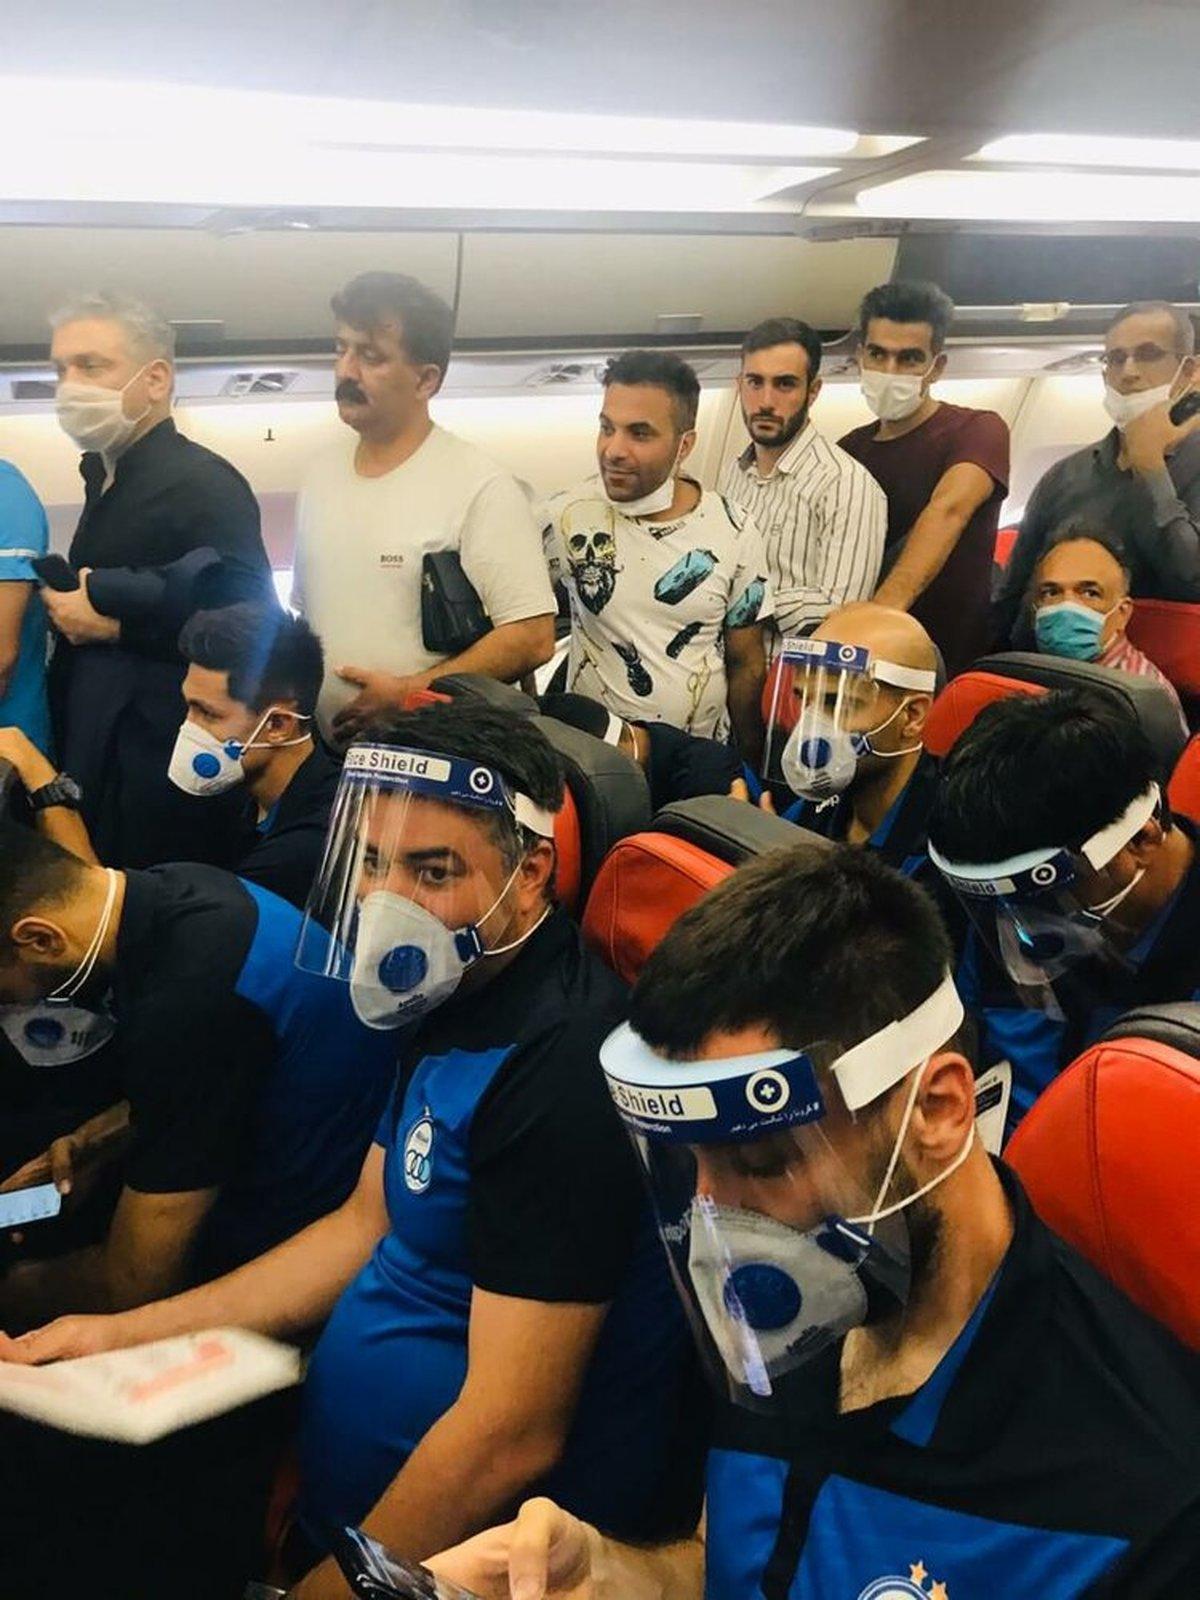 تیم فوتبال استقلال   تصویری باورنکردنی از ازدحام در پرواز استقلالیها